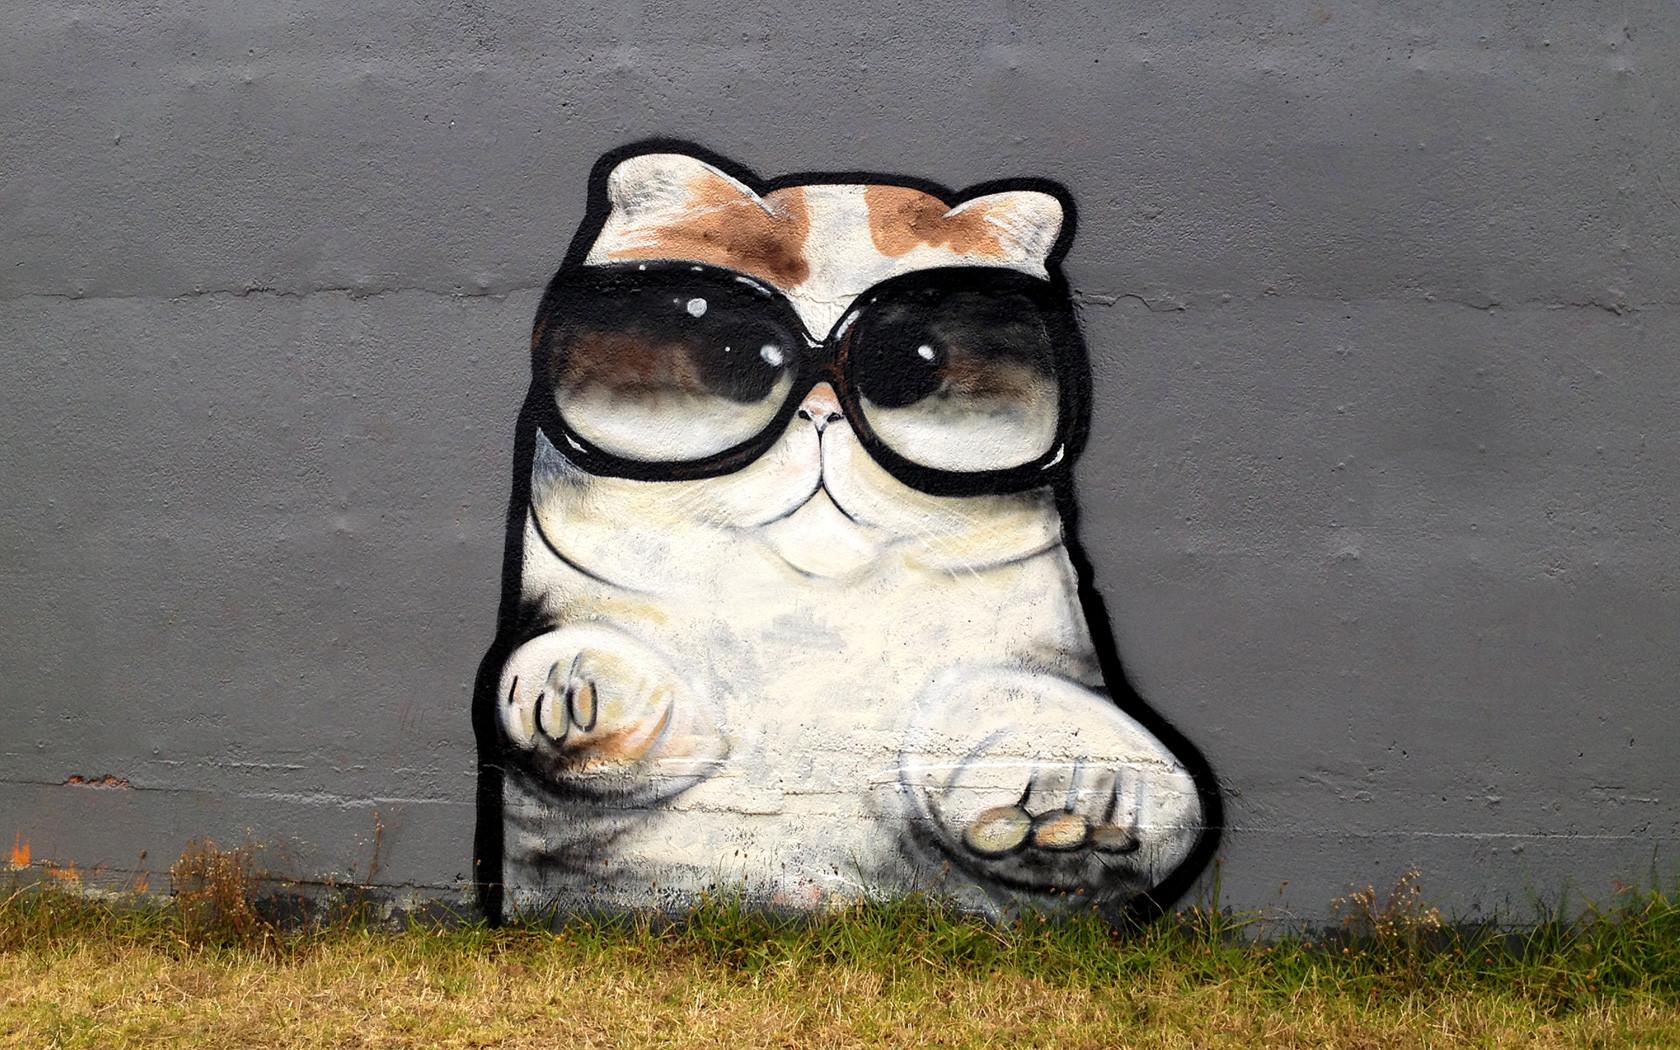 graffiti kitten with big glasses sprayed on wall stencil cats 1680x1050